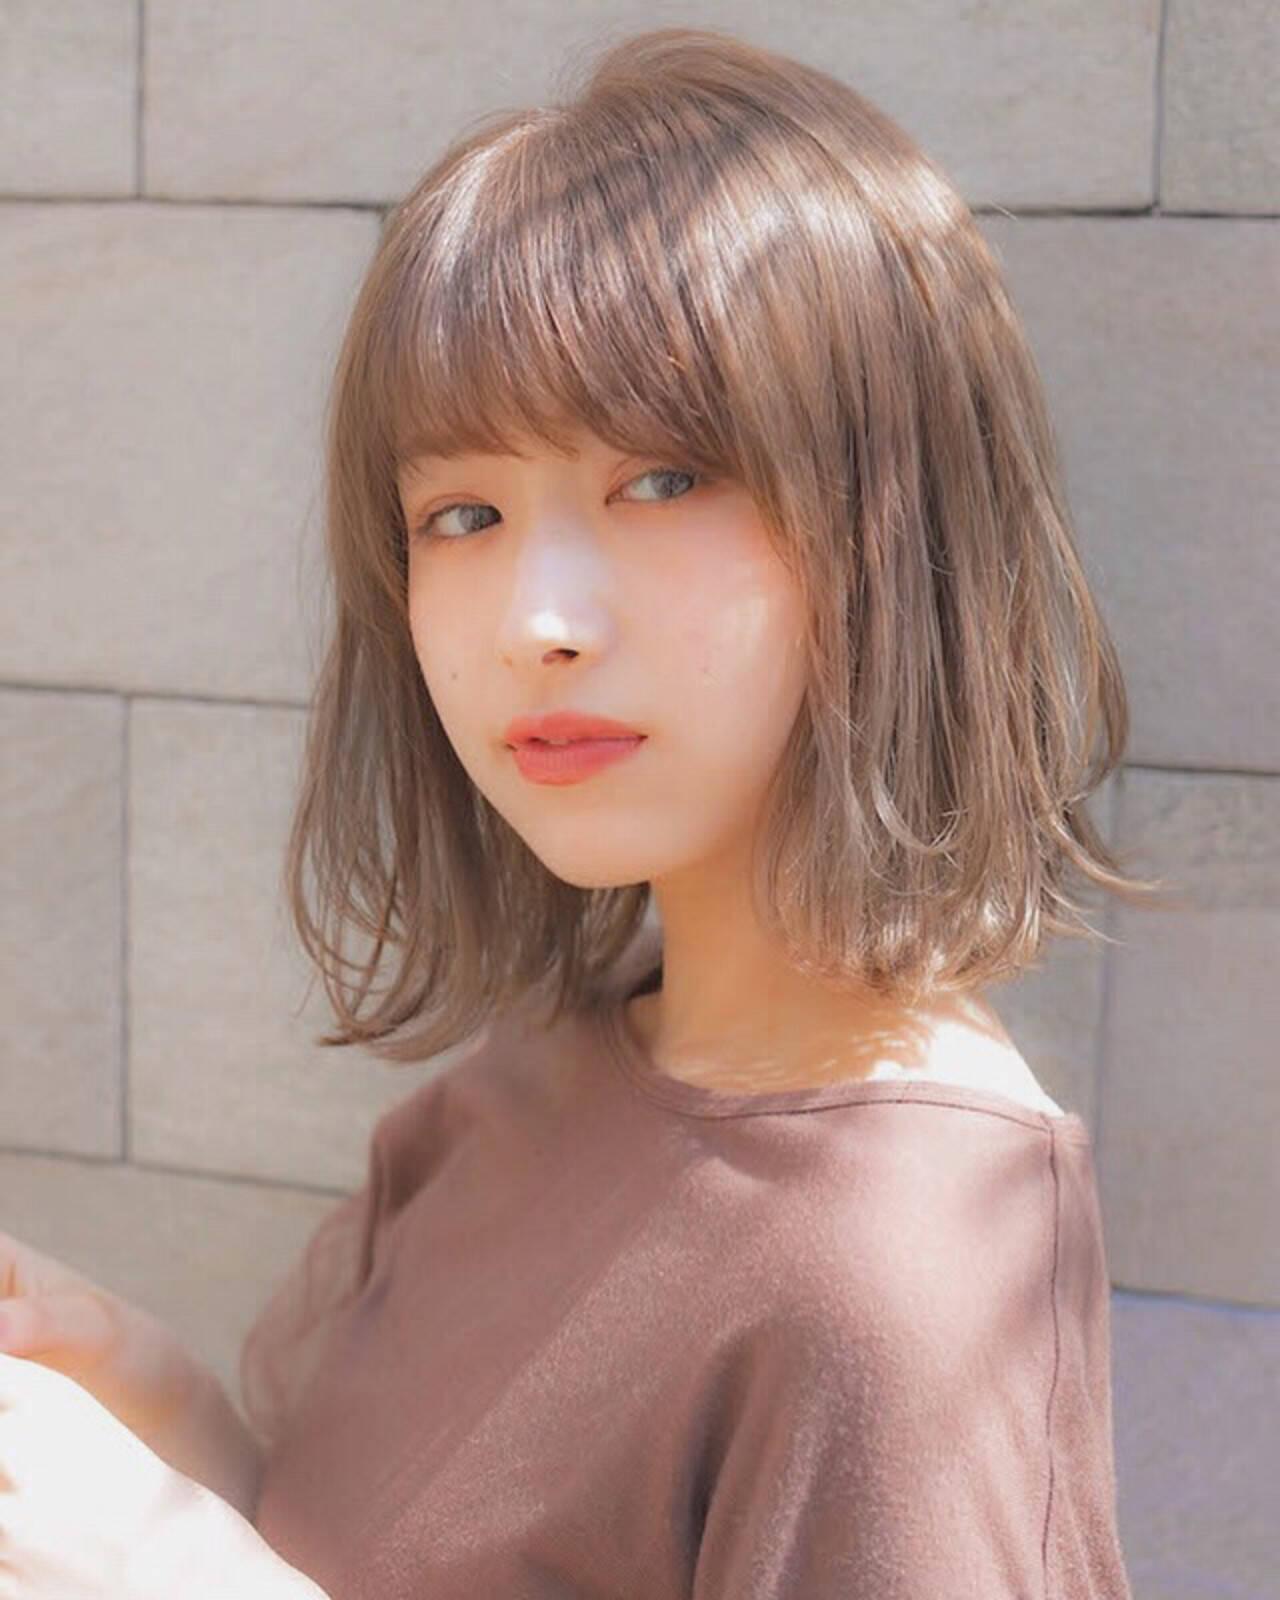 パーマ アンニュイほつれヘア ボブ 前髪ヘアスタイルや髪型の写真・画像